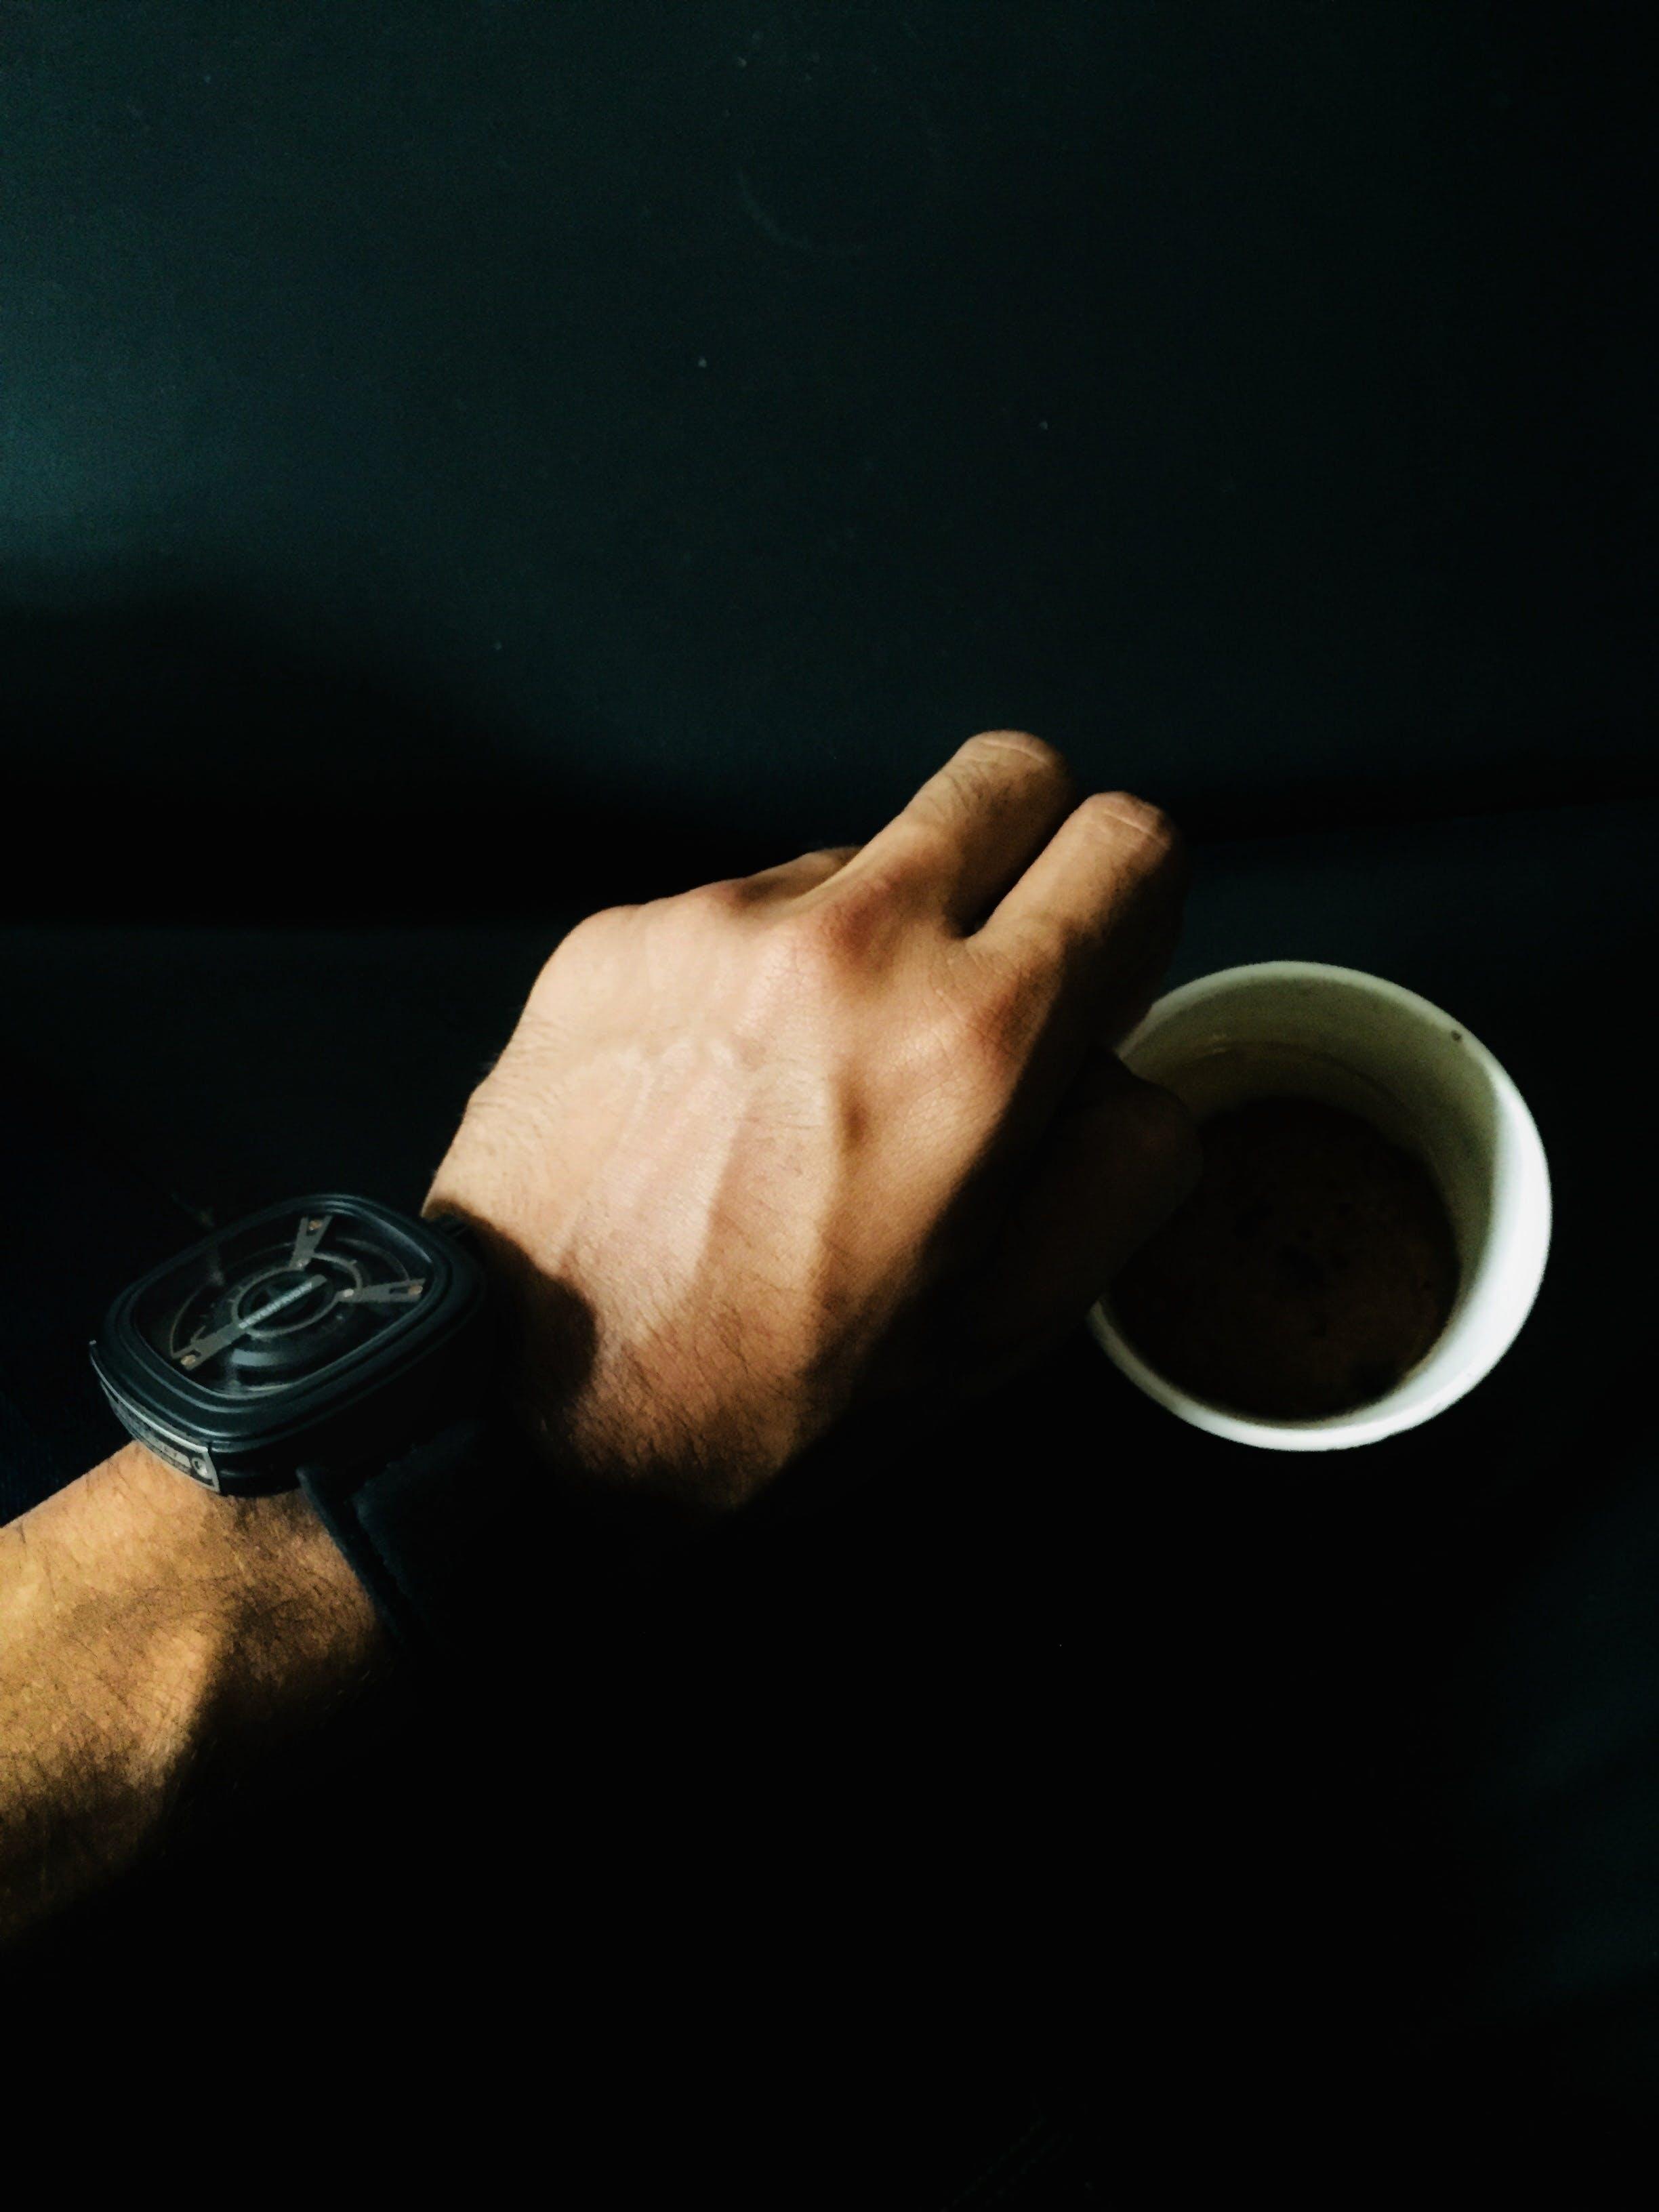 Gratis arkivbilde med armbåndsur, drikke, espresso, hånd